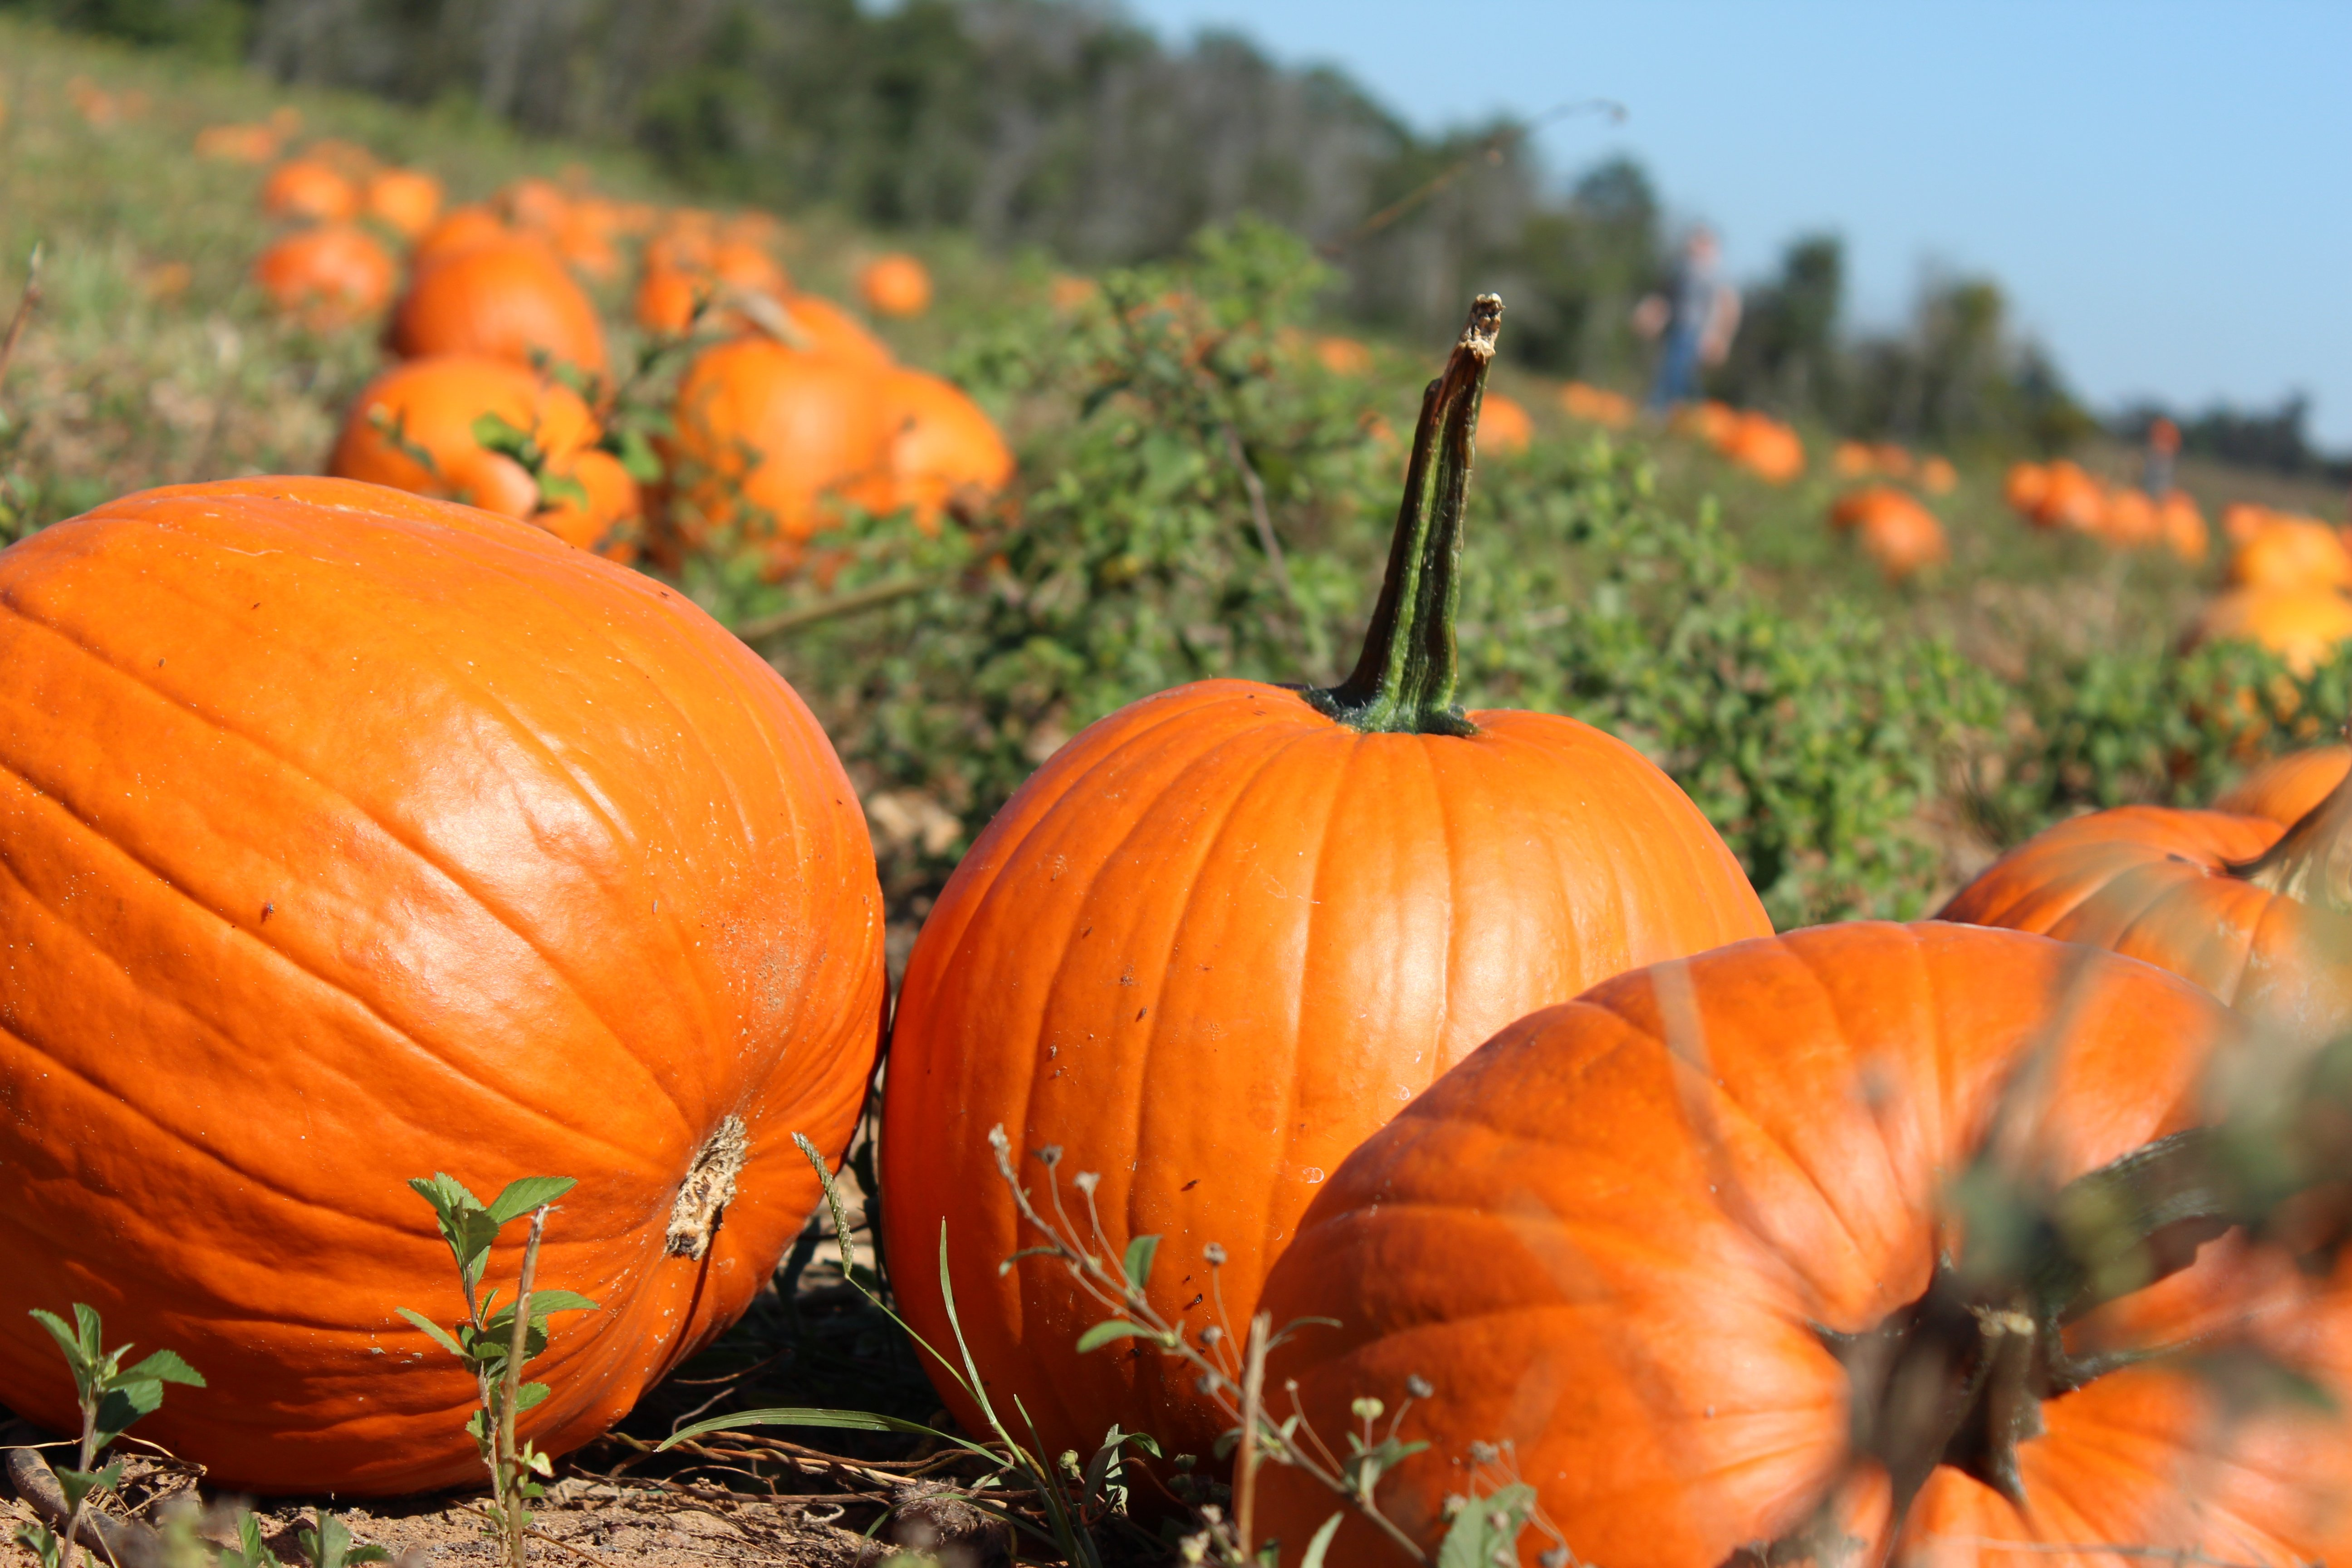 pumpkin patch halloween autumn wallpaper 5184x3456